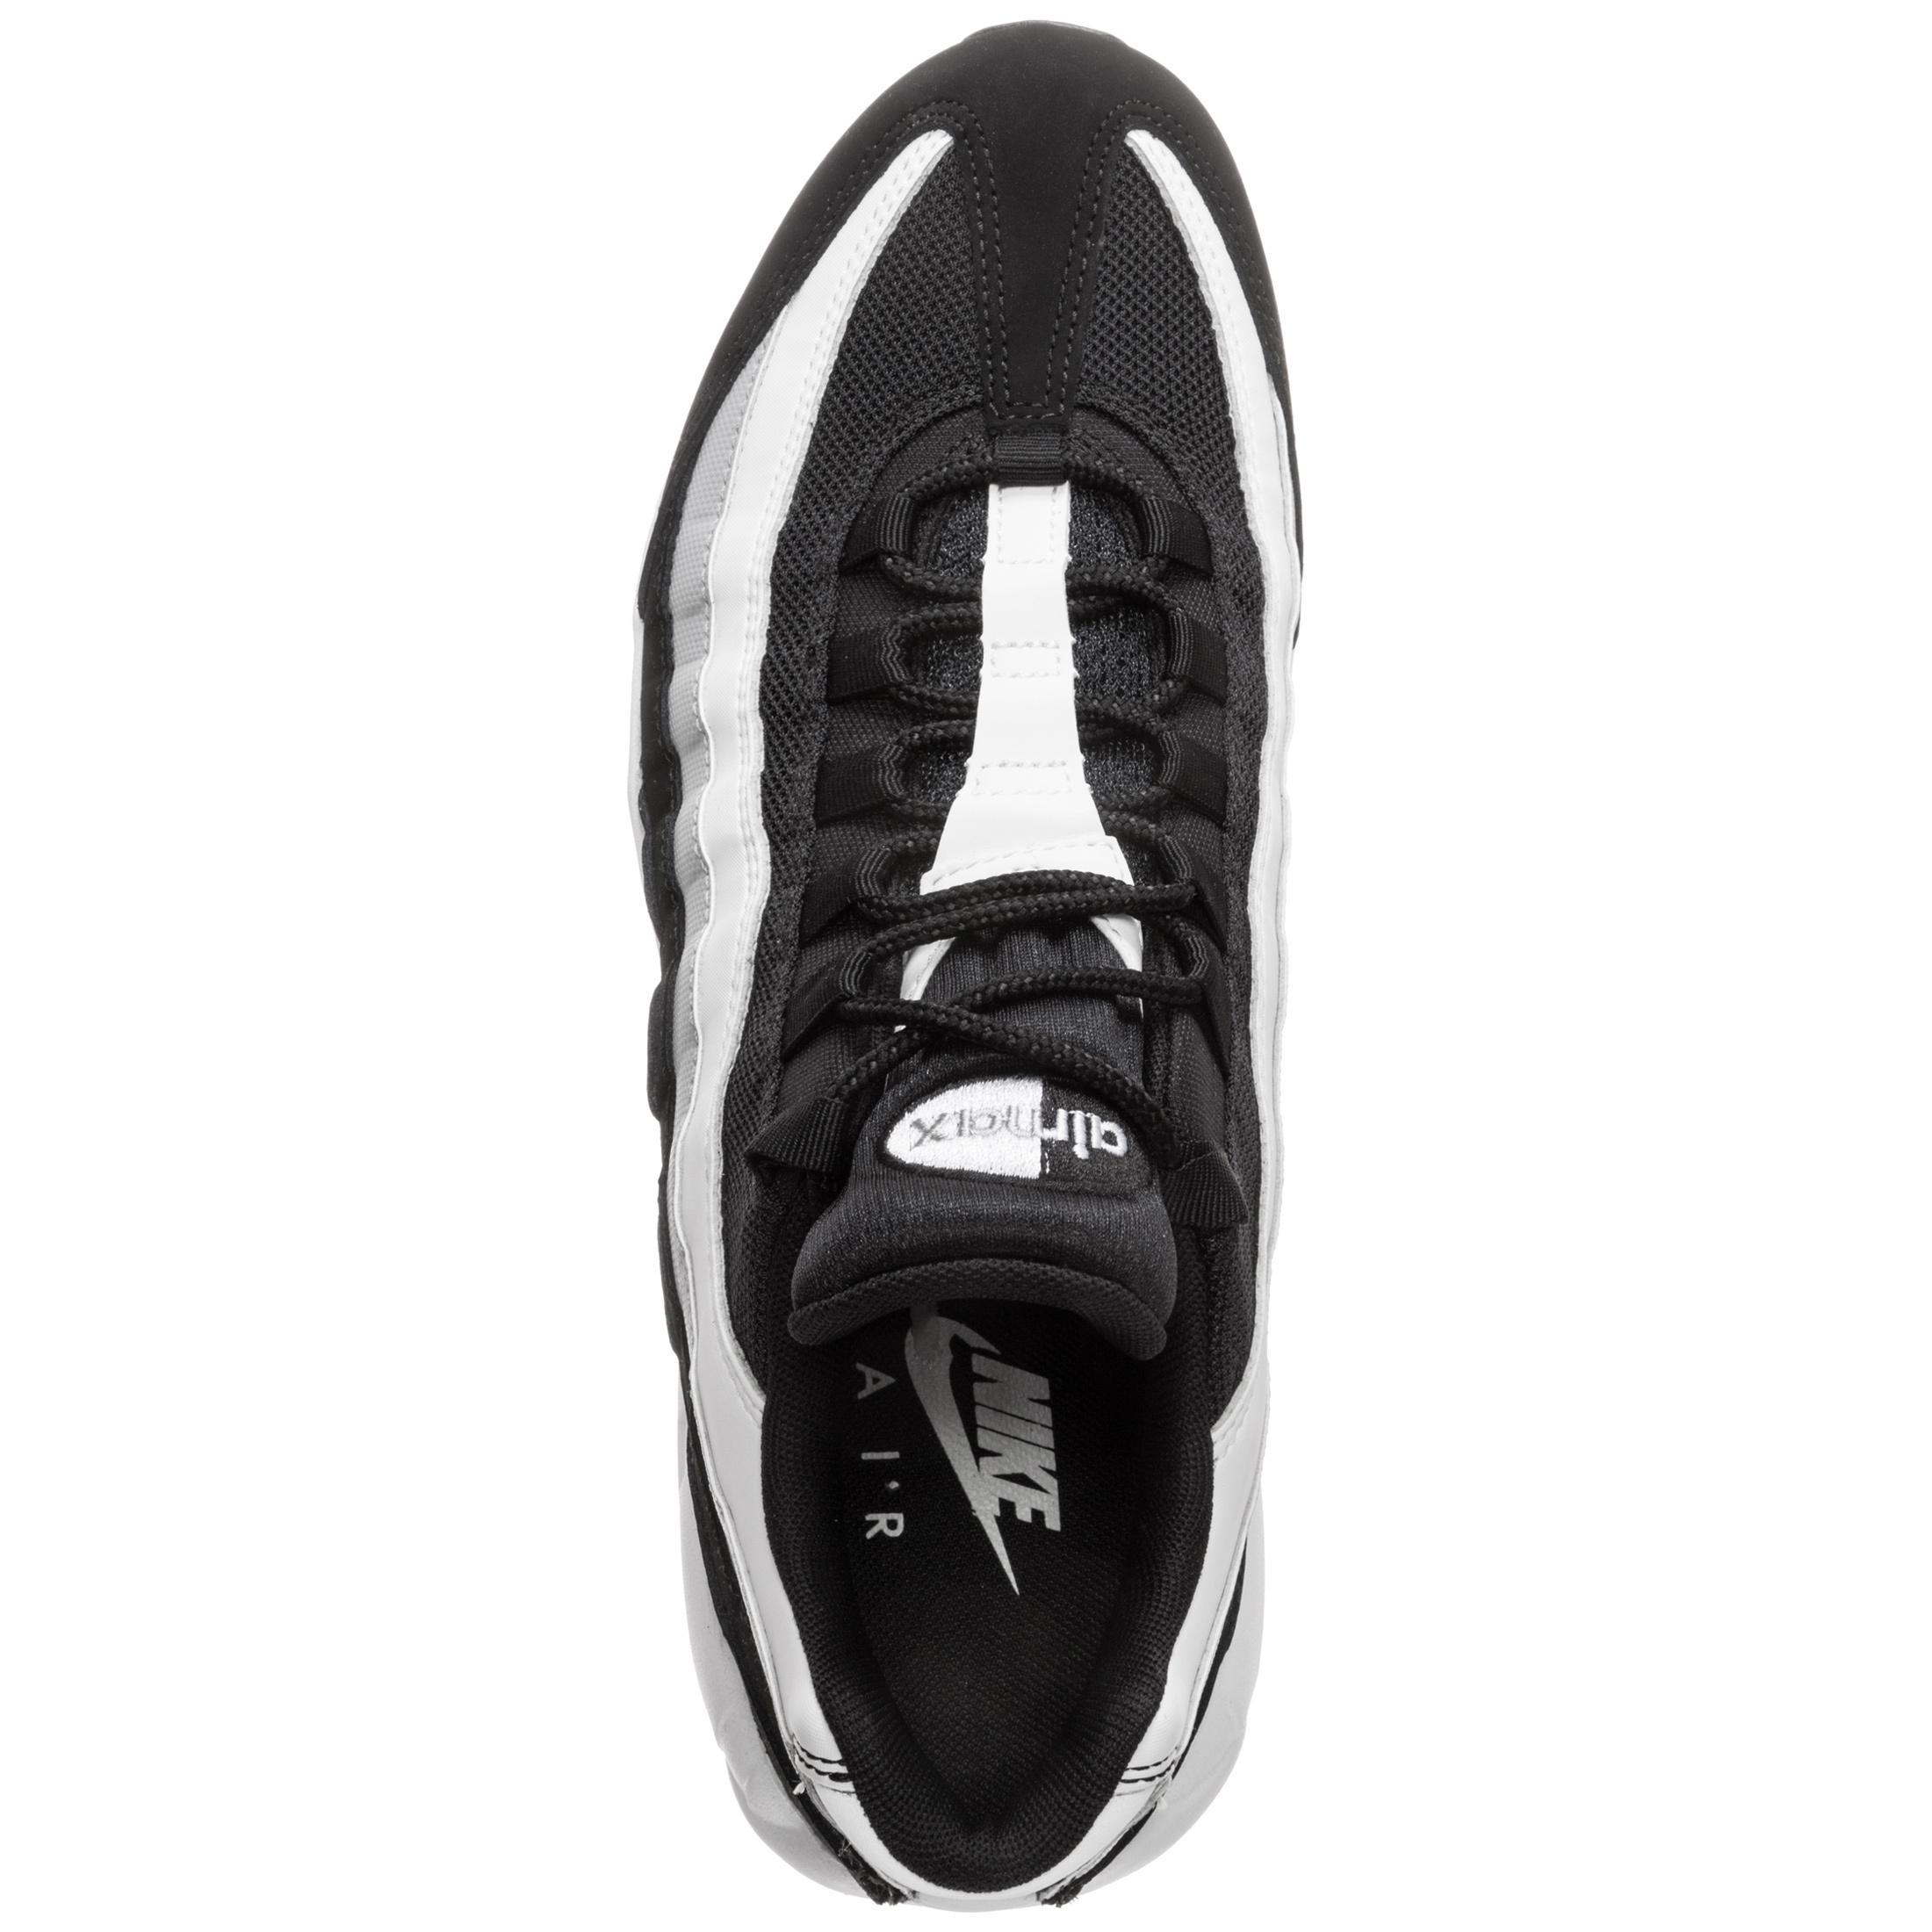 Nike Air Max 95 95 95 Essential Turnschuhe Damen schwarz   weiß im Online Shop von SportScheck kaufen Gute Qualität beliebte Schuhe 96aa7e